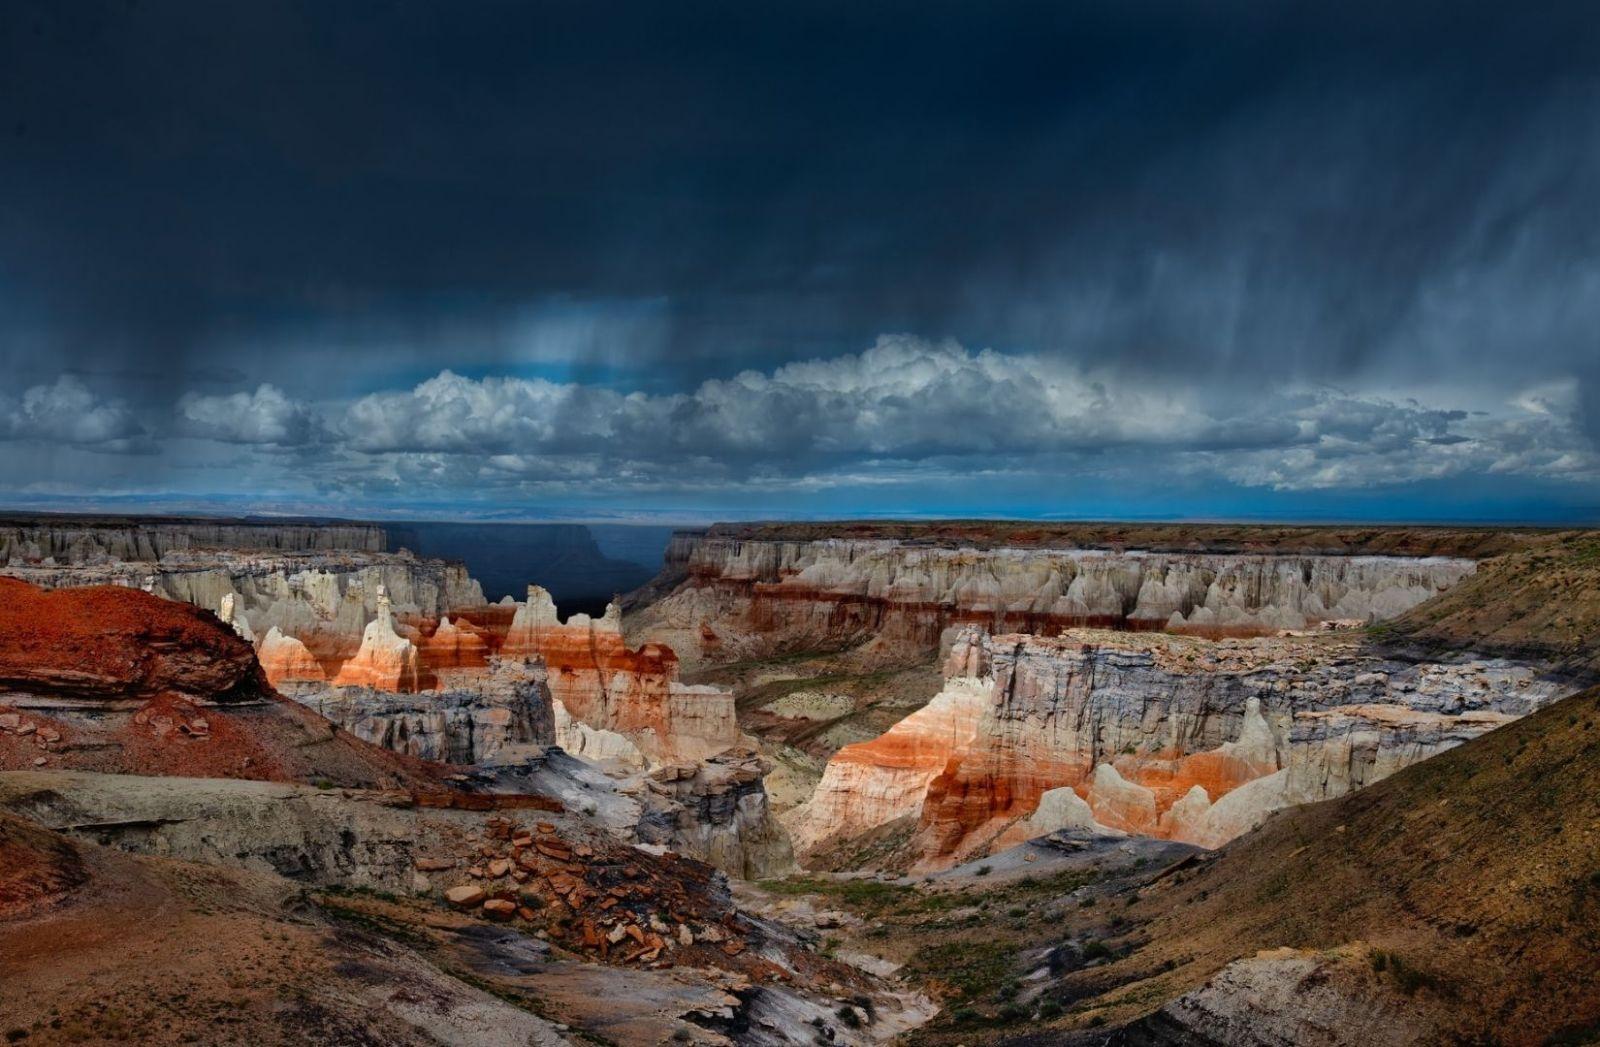 Der Schlagentanz gehört zu den Ritualen der Hopi. Sie leben auf dem Gebiet der Navajo Indian Reservation in Arizona. (Foto: John Fowler, Unsplash.com)